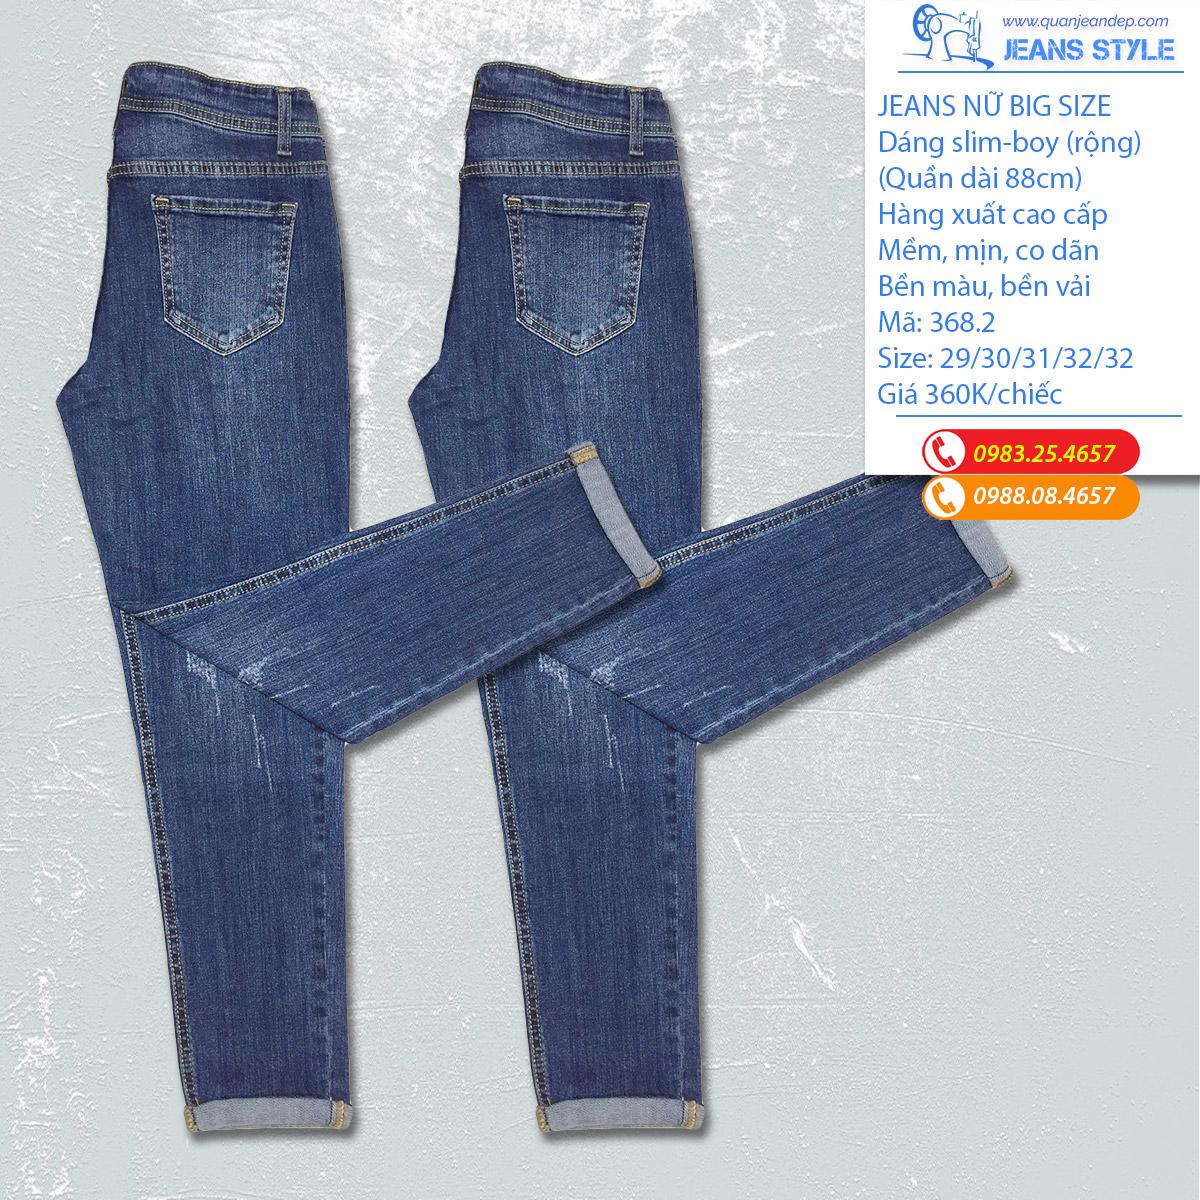 Quần Jeans nữ big size dáng slim-boy rộng 368.2 Giá:360.000,00 ₫